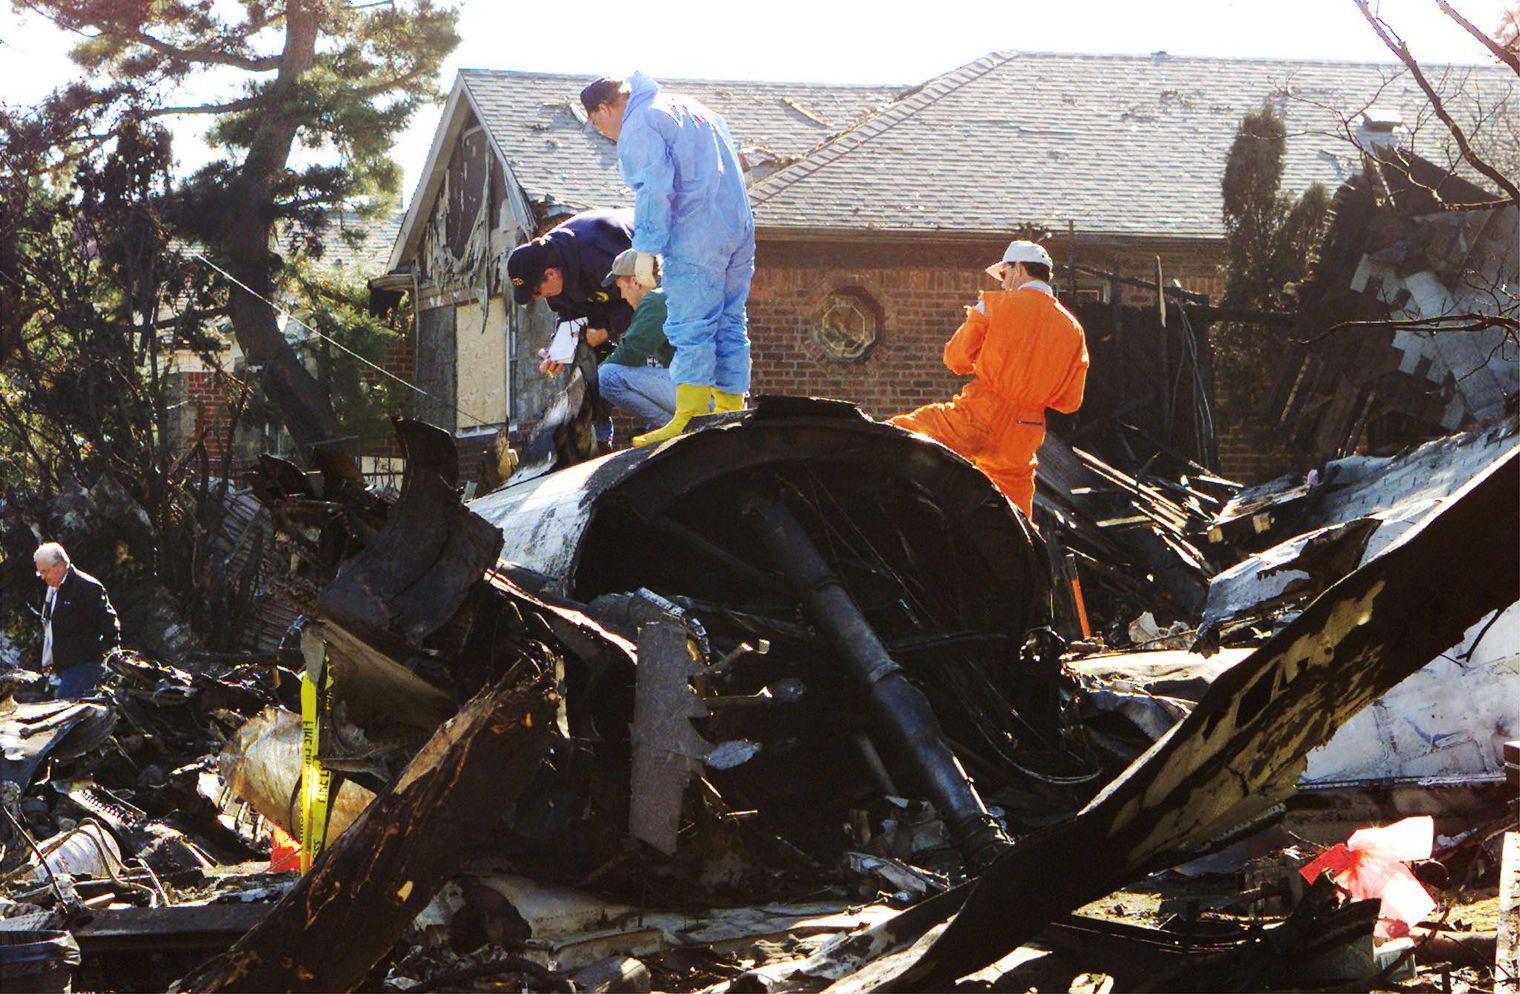 l-avion-de-l-american-airlines-s-est-ecrase-en-pleine-banlieue-le-12-novembre-2001_4977487